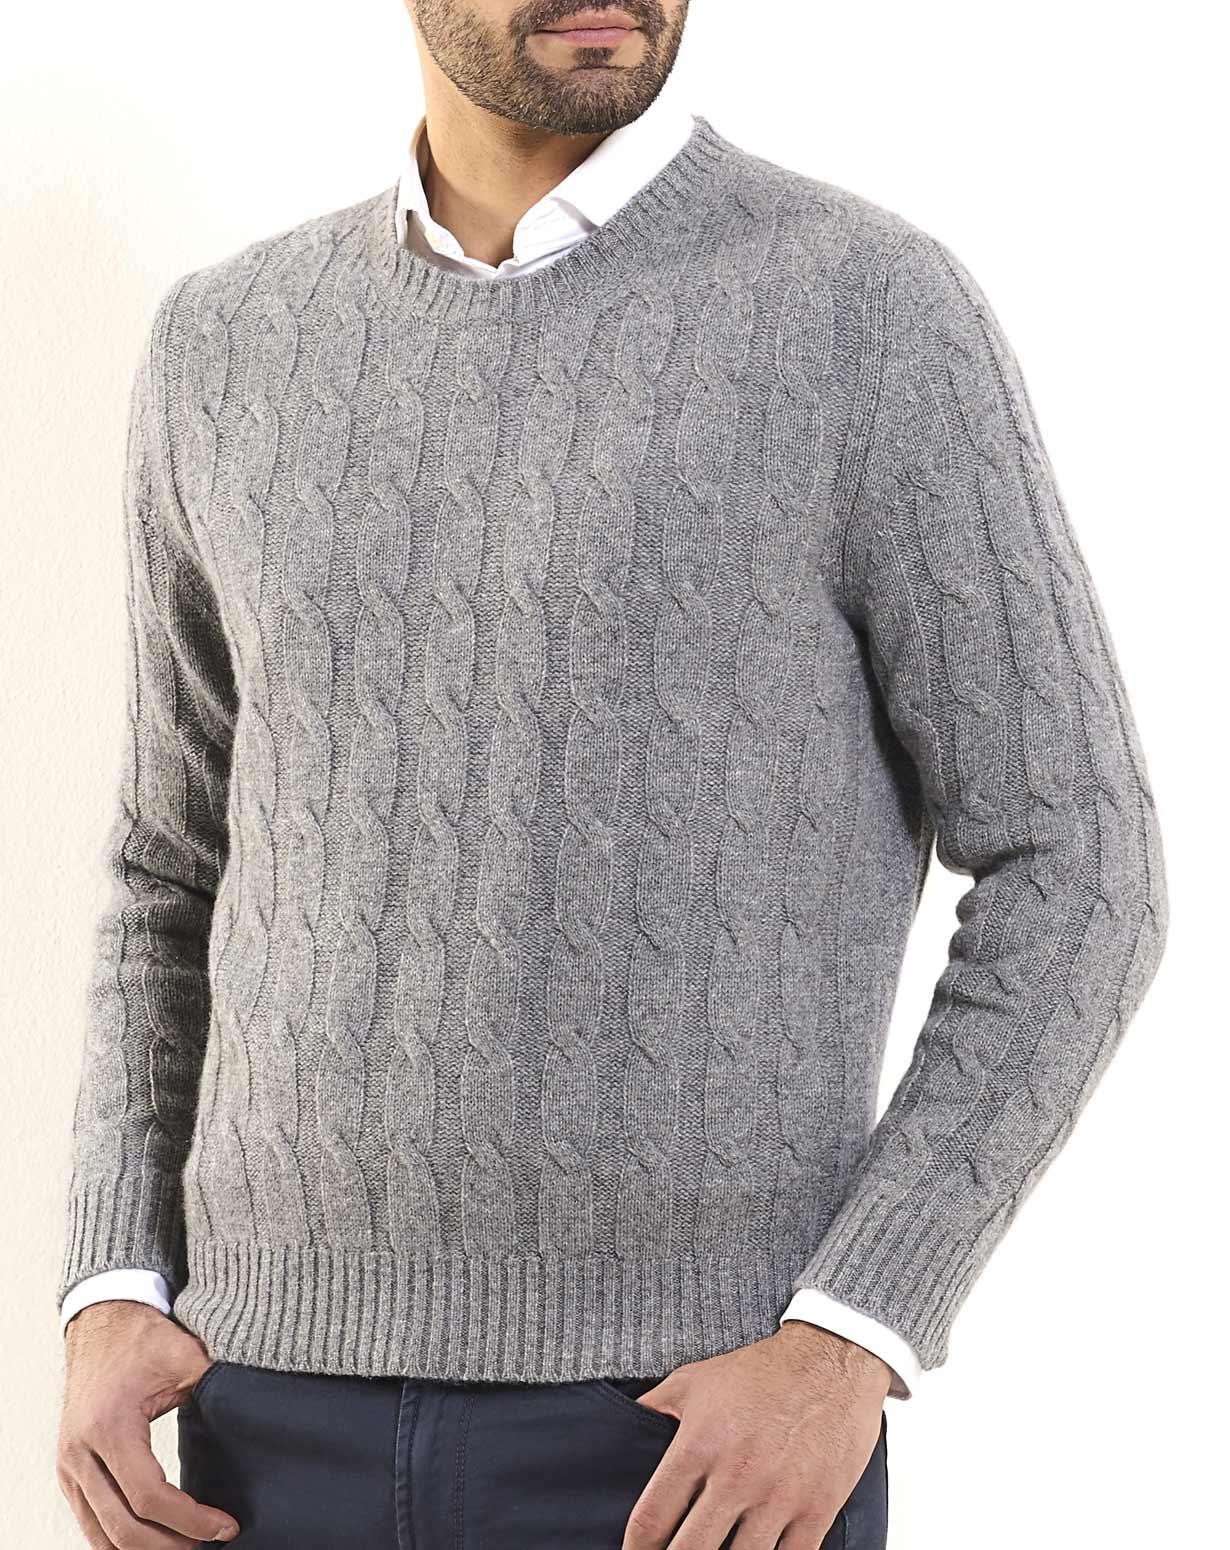 Men's Pure Cashmere Cable Knit Crew Neck